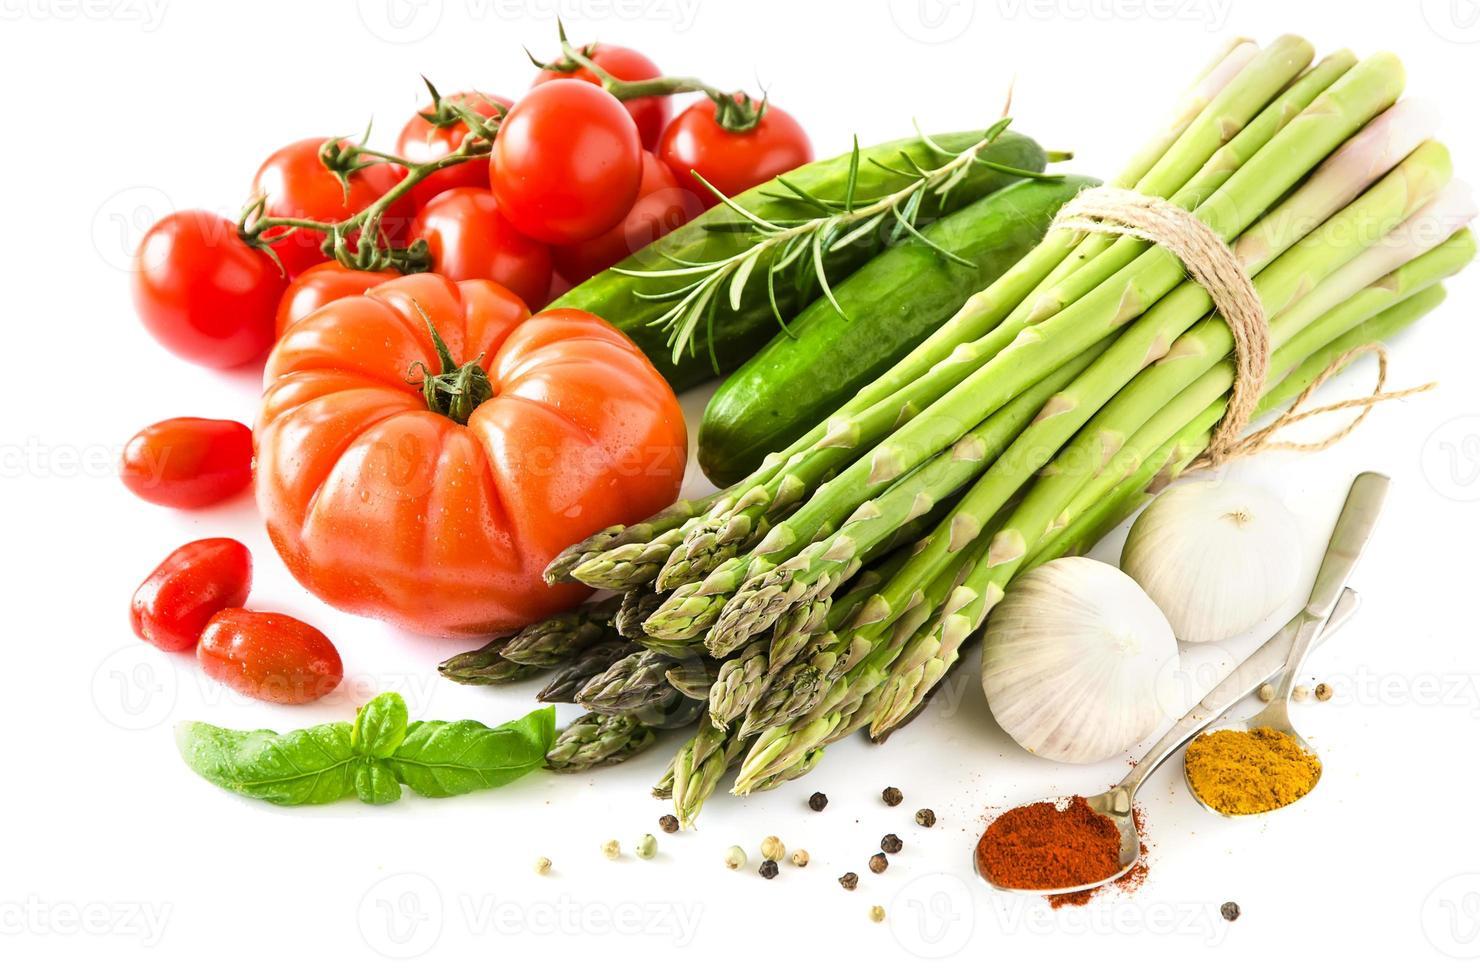 frisches Gemüse lokalisiert auf weißem Kopierraumhintergrundhorizont foto